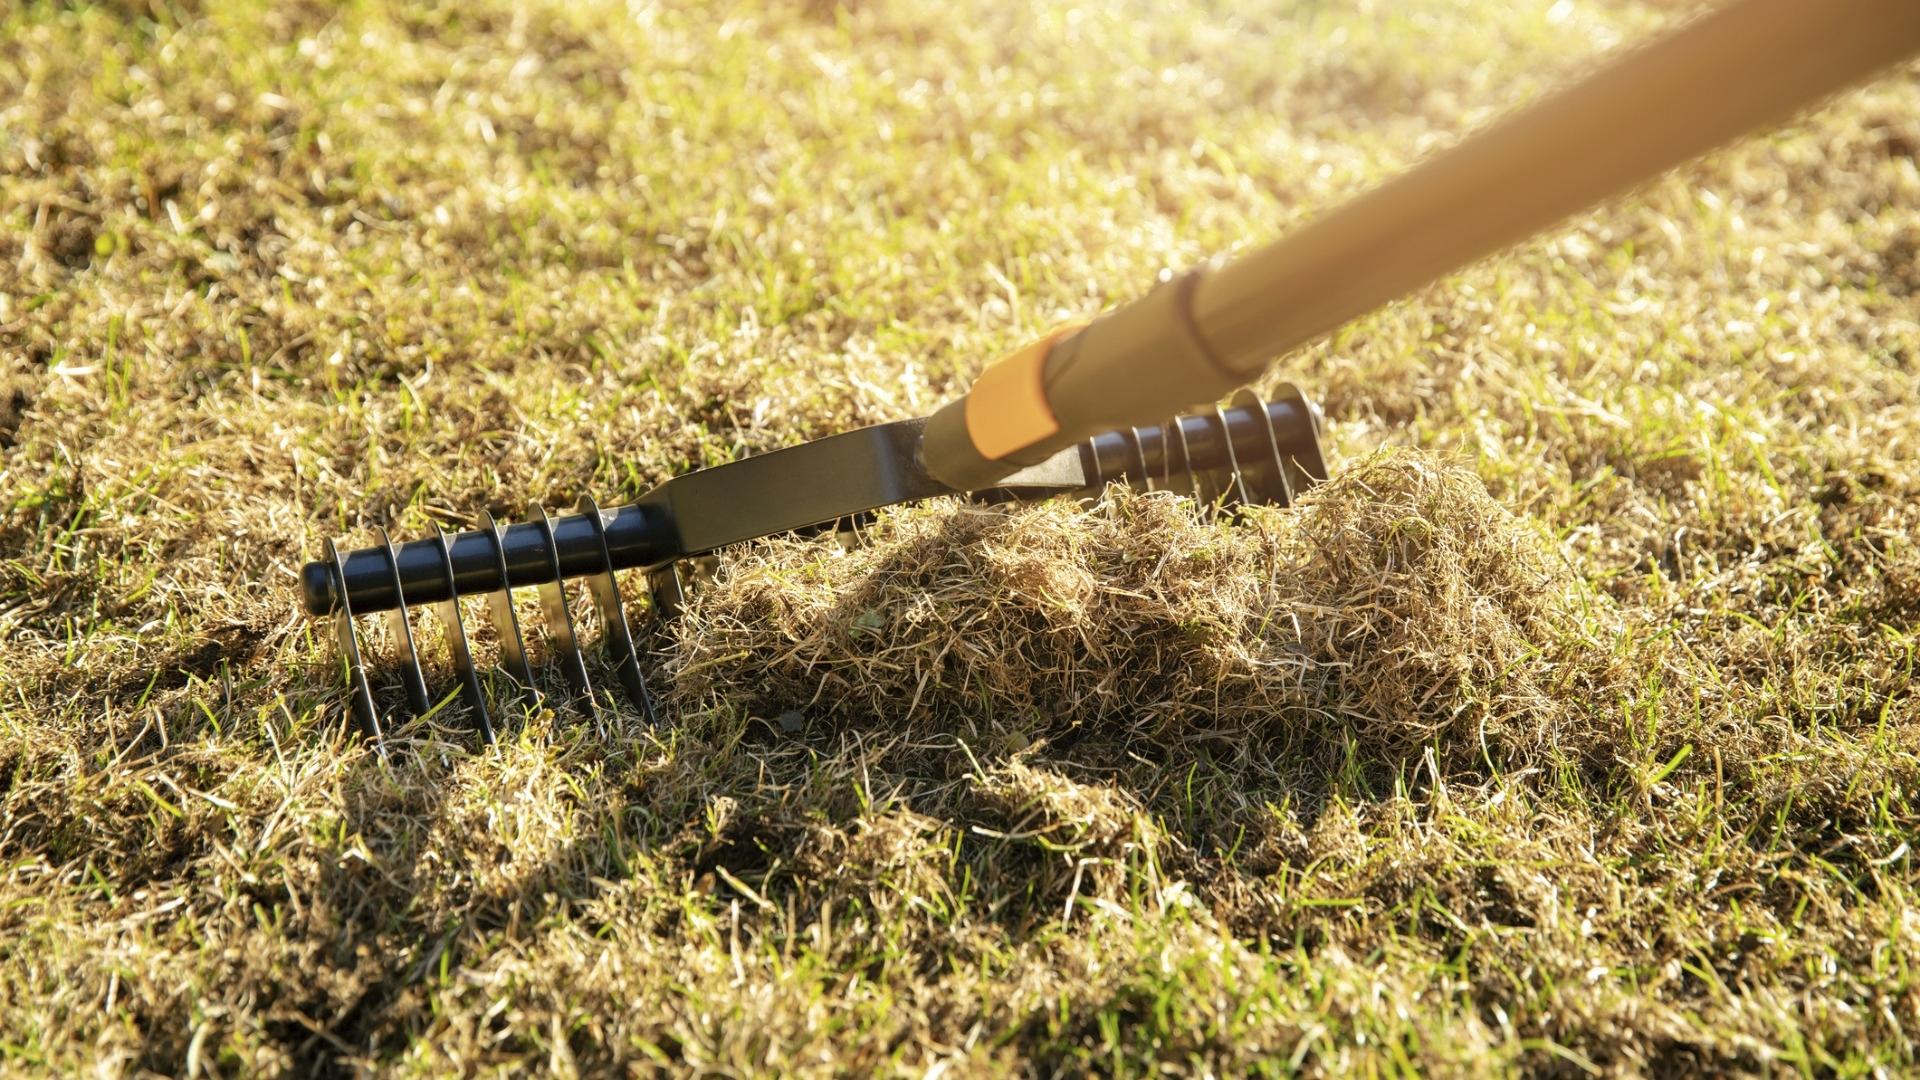 Nurmikon leikkuujäte kannattaa siivota kompostiin. Turhan tarkka ei tarvitse olla, vaan korsia saa jäädä nurmikolle hiukan maatumaankin.